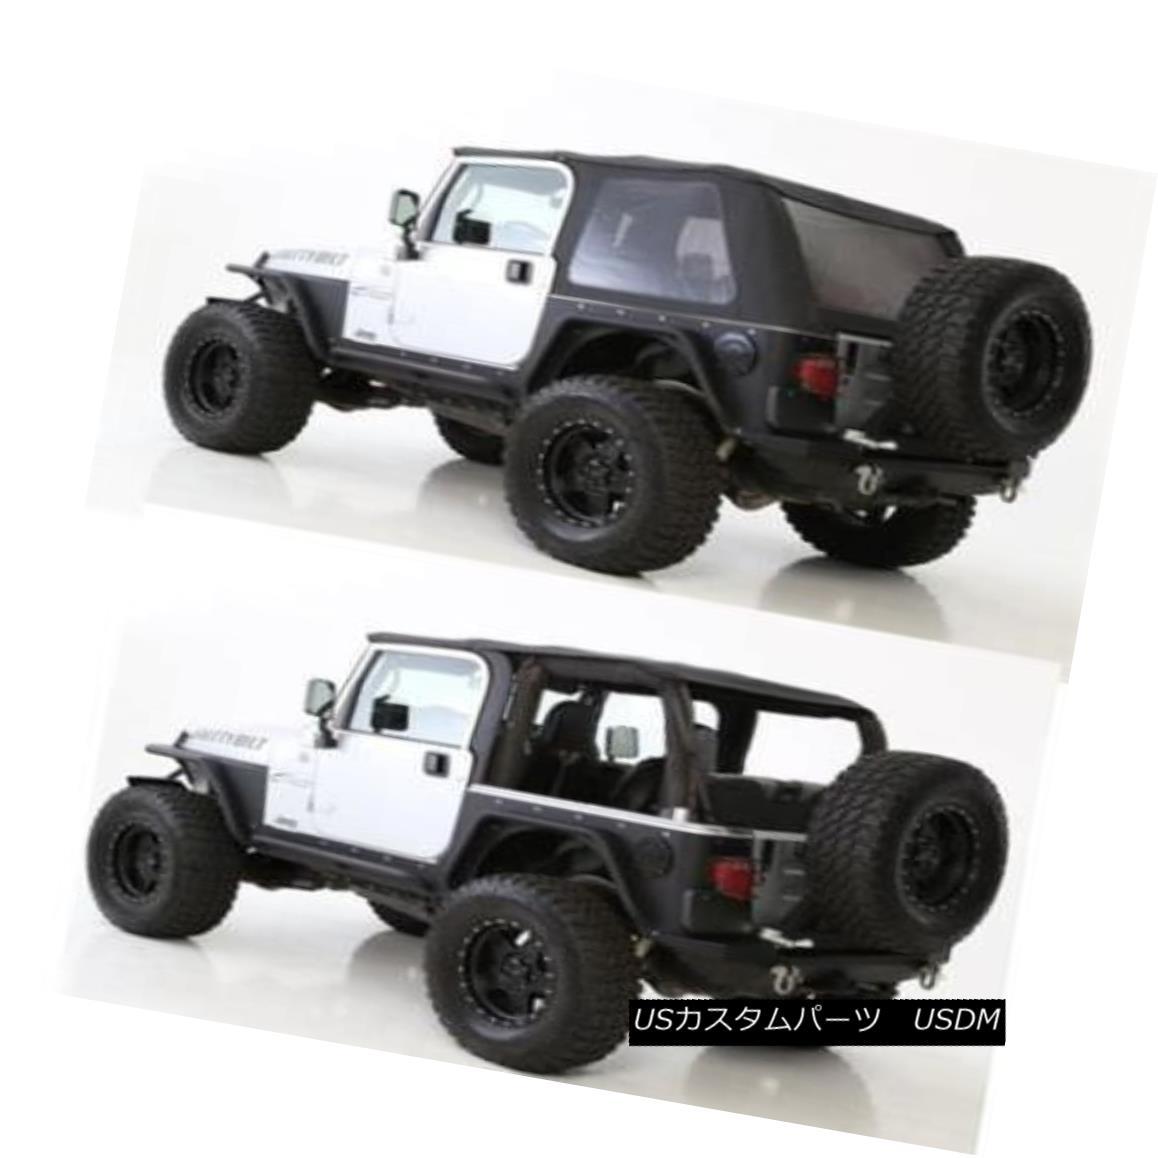 幌・ソフトトップ 1997-2006 soft top Jeep Wrangler BLACK TINTED Bowless Combo top 9973235 1997年?2006年のソフトトップジープラングラーBLACK TINTED Bowless Comboトップ9973235